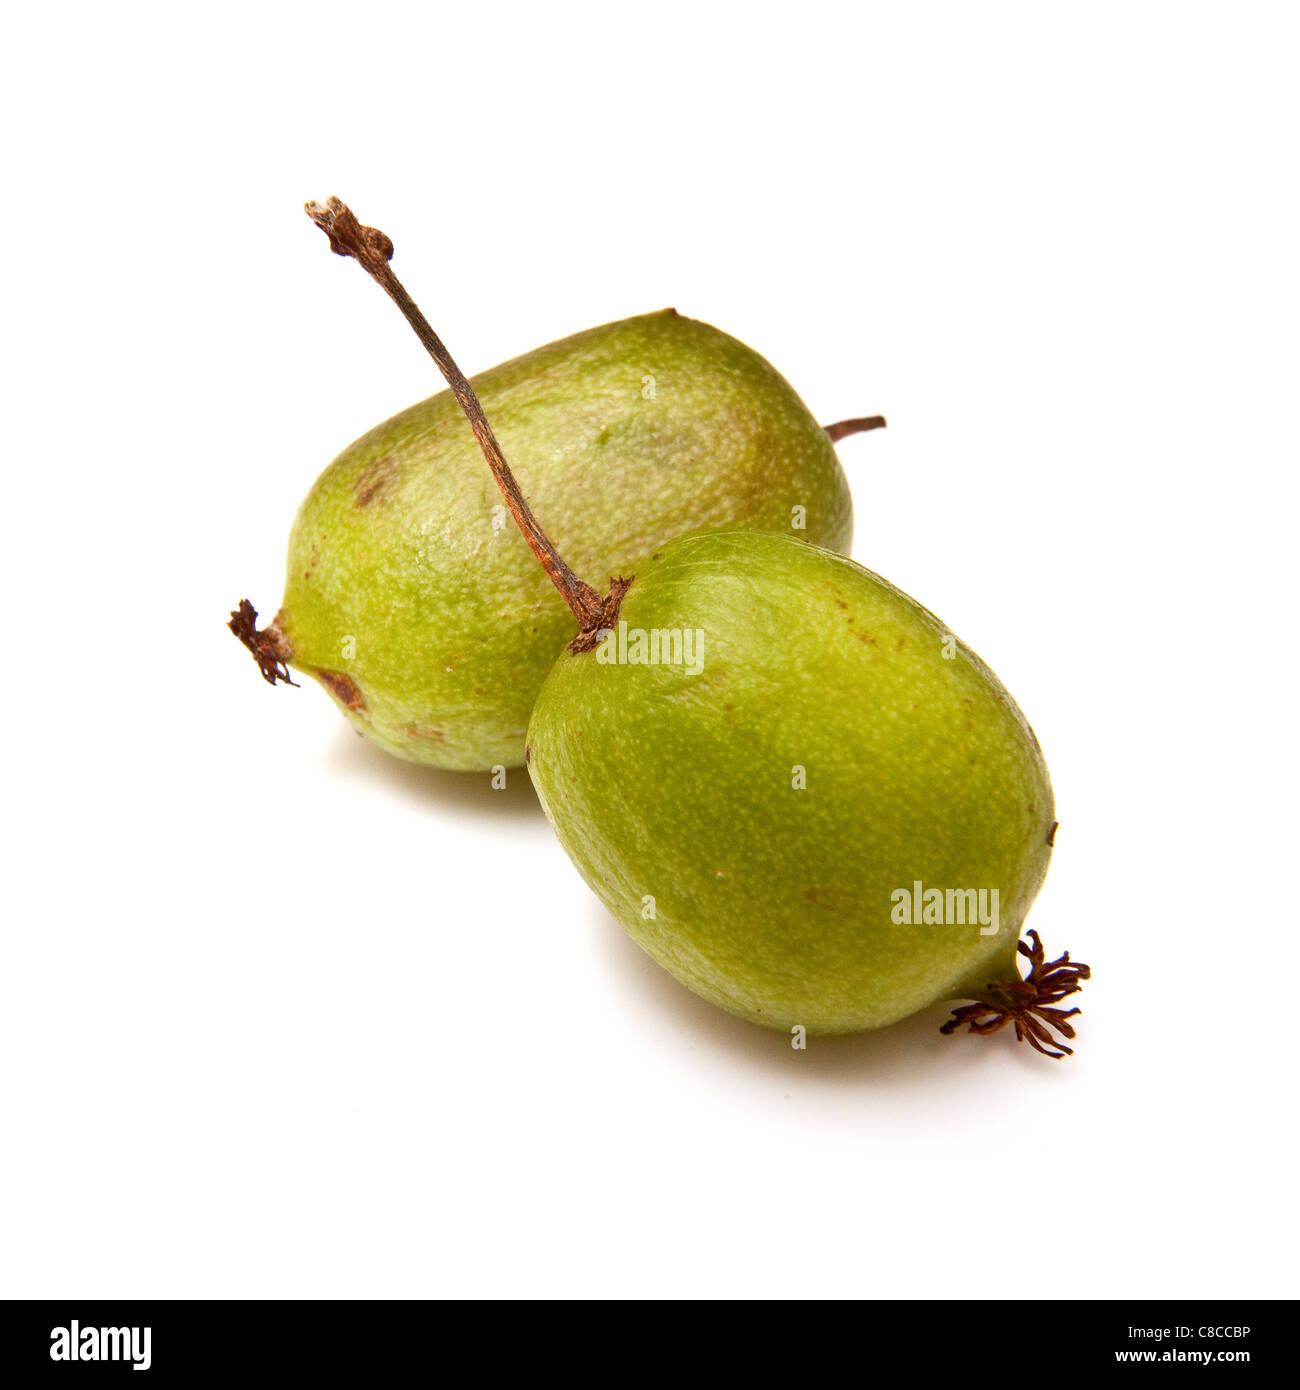 Kiwiberry or hardy kiwi  fruit isolated on a white studio background. - Stock Image